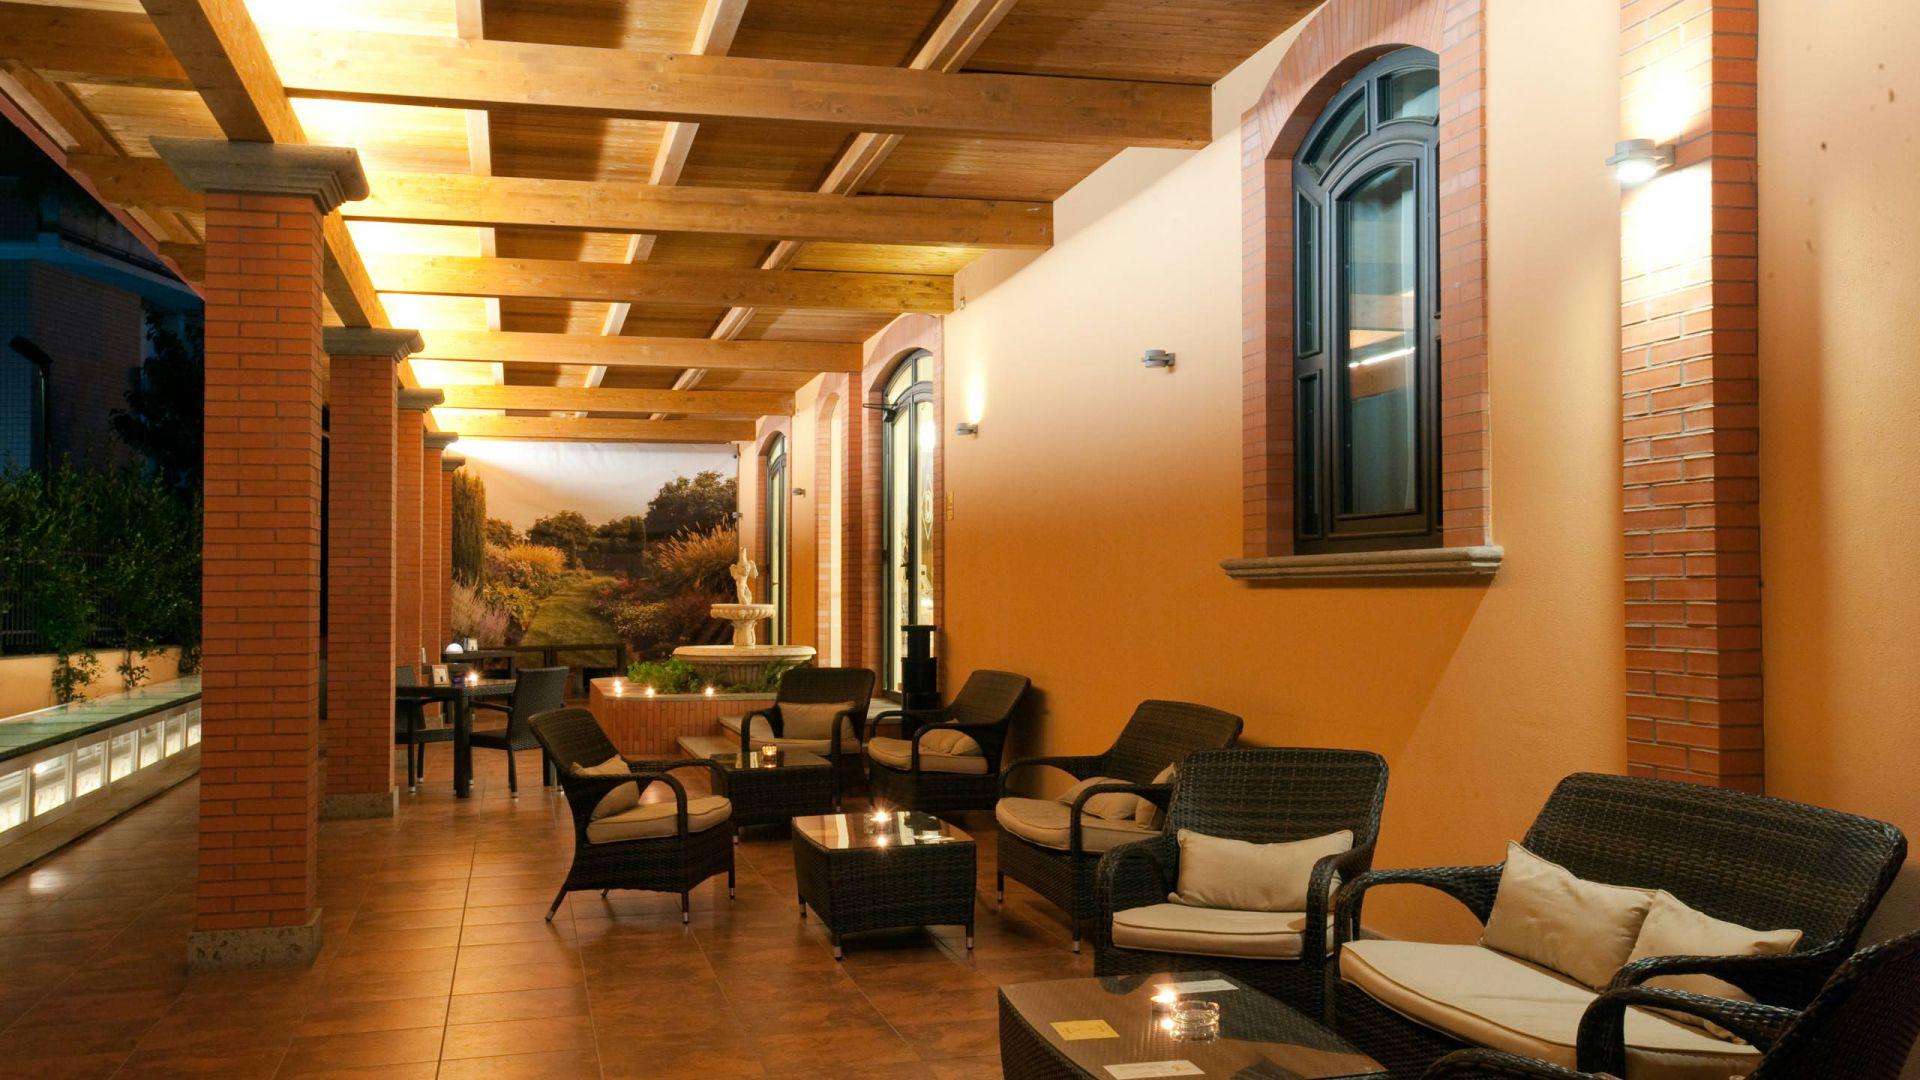 oc-hotel-roma-aree-comuni-005